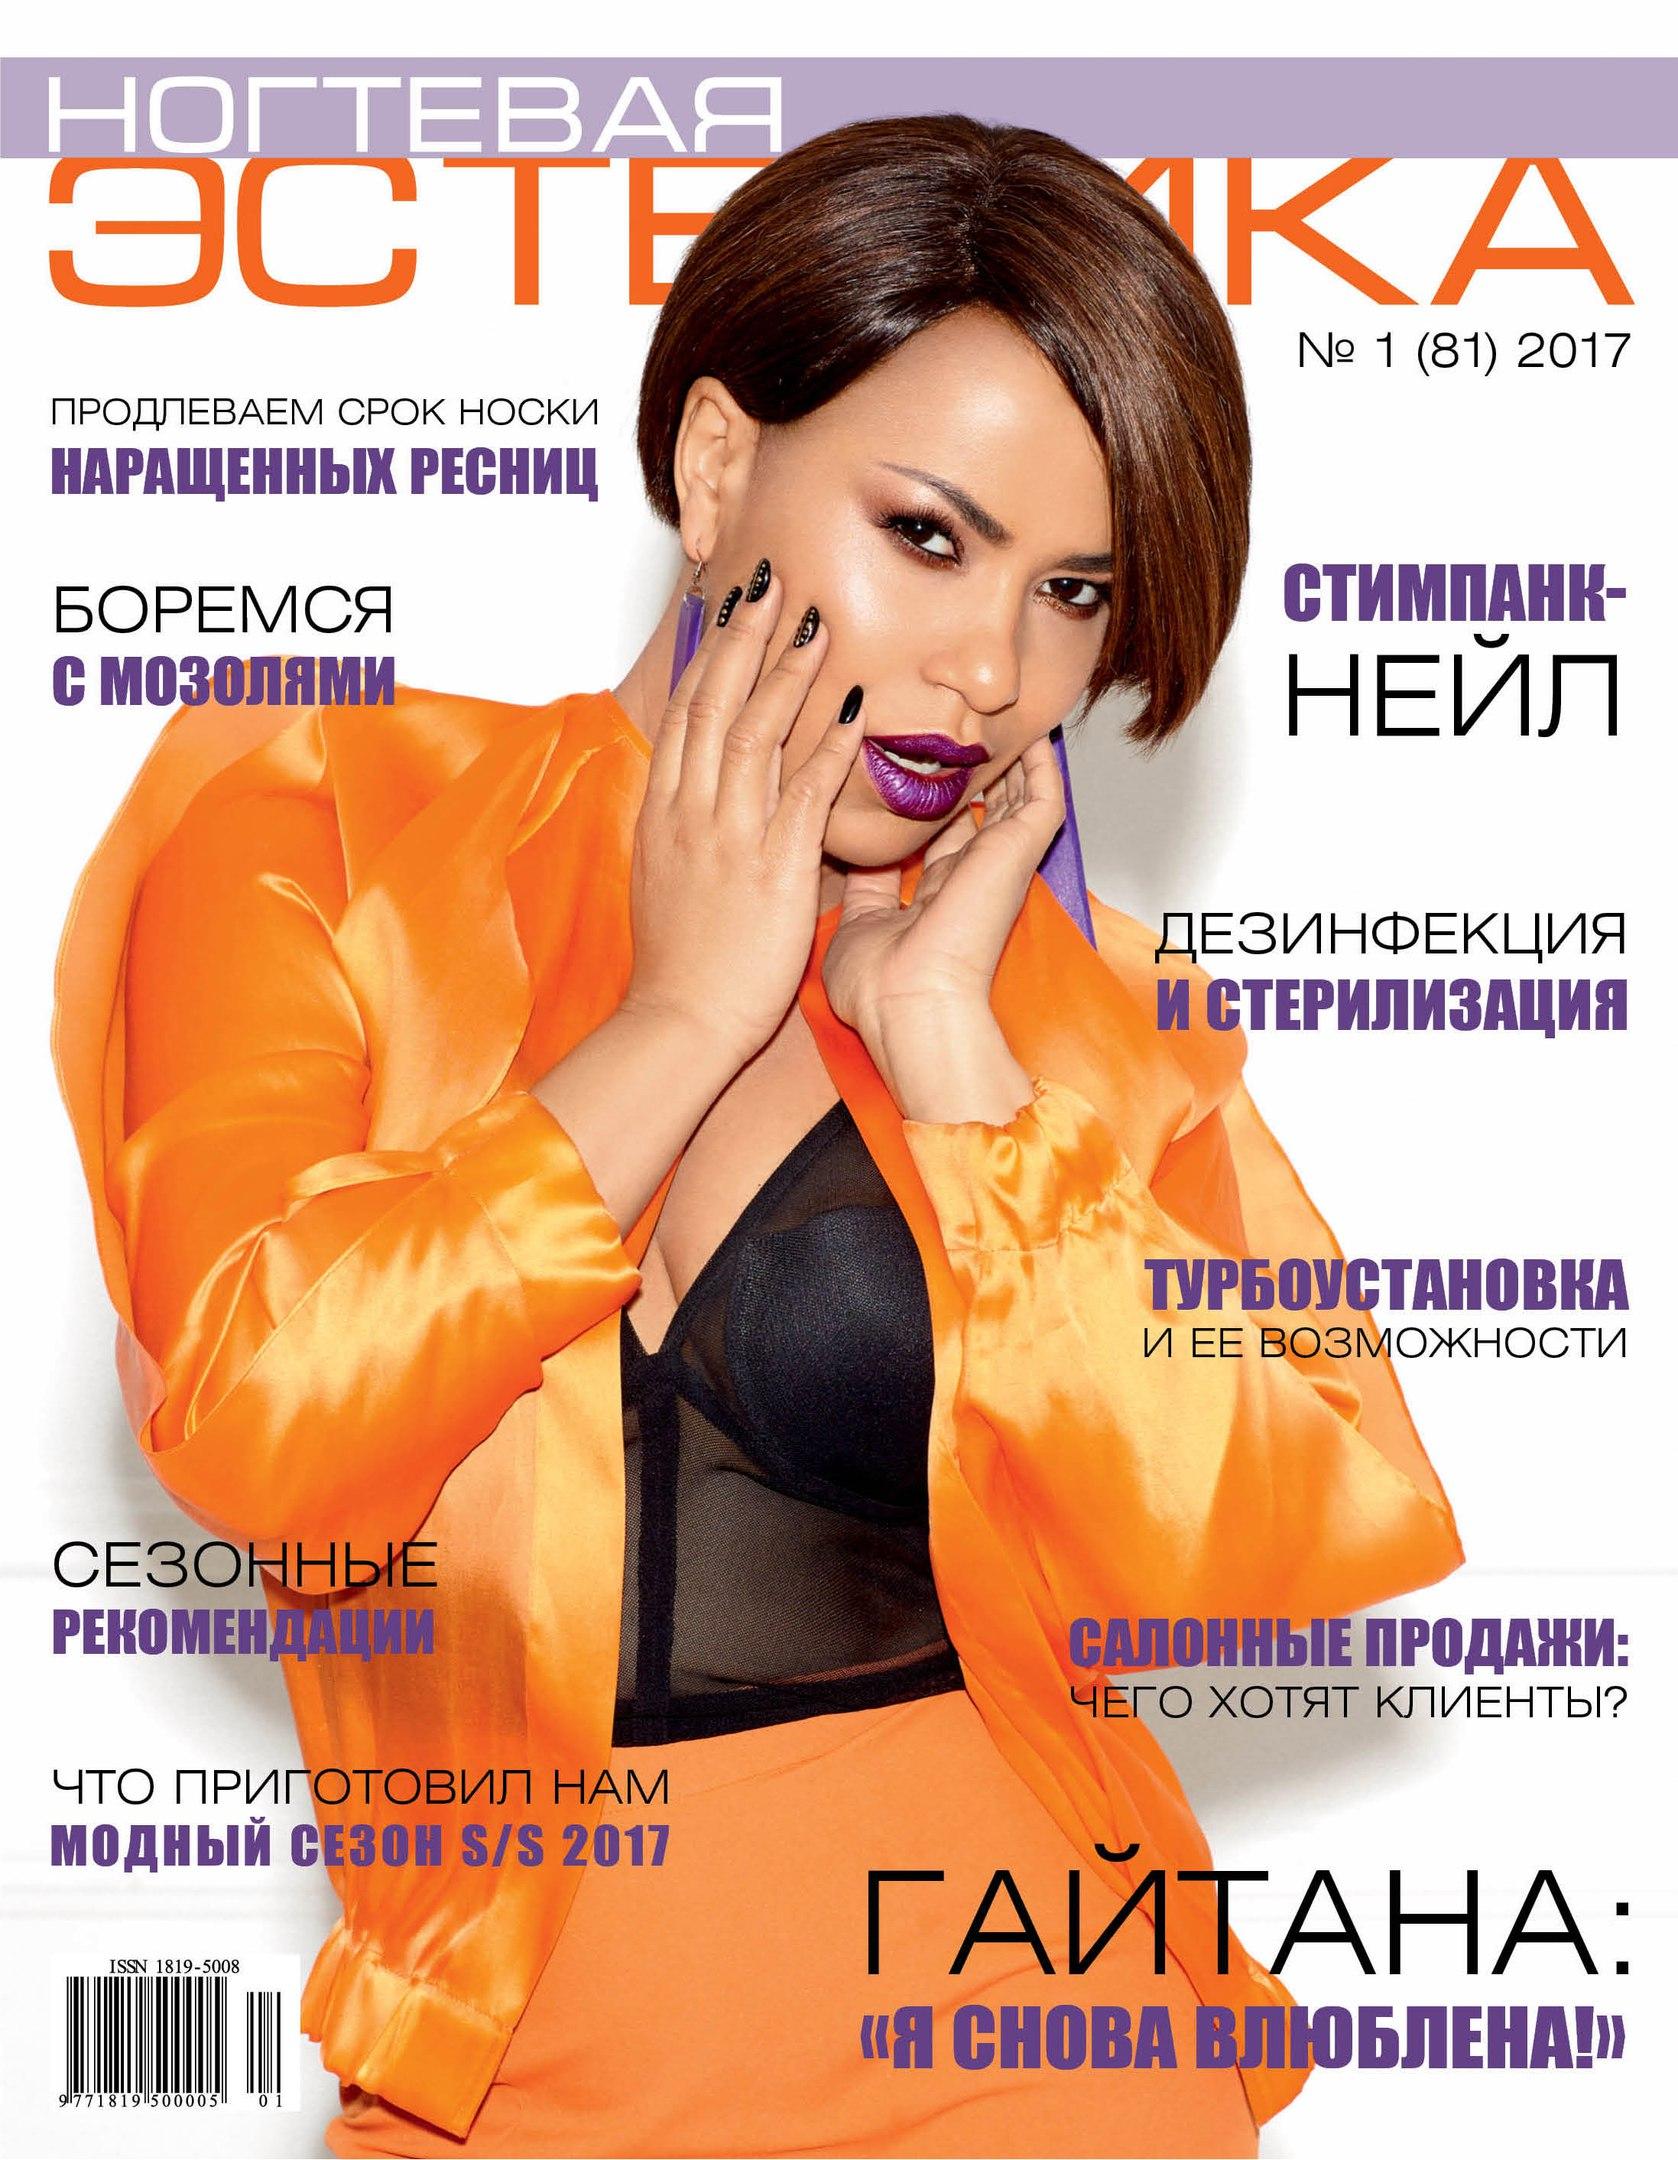 Гайтана, Алла Кравченко, нейл-дизайн Гайтана нейл-дизайн, дизайн гелевім лаком, наращивание ногтей Киев, Киев 2017,